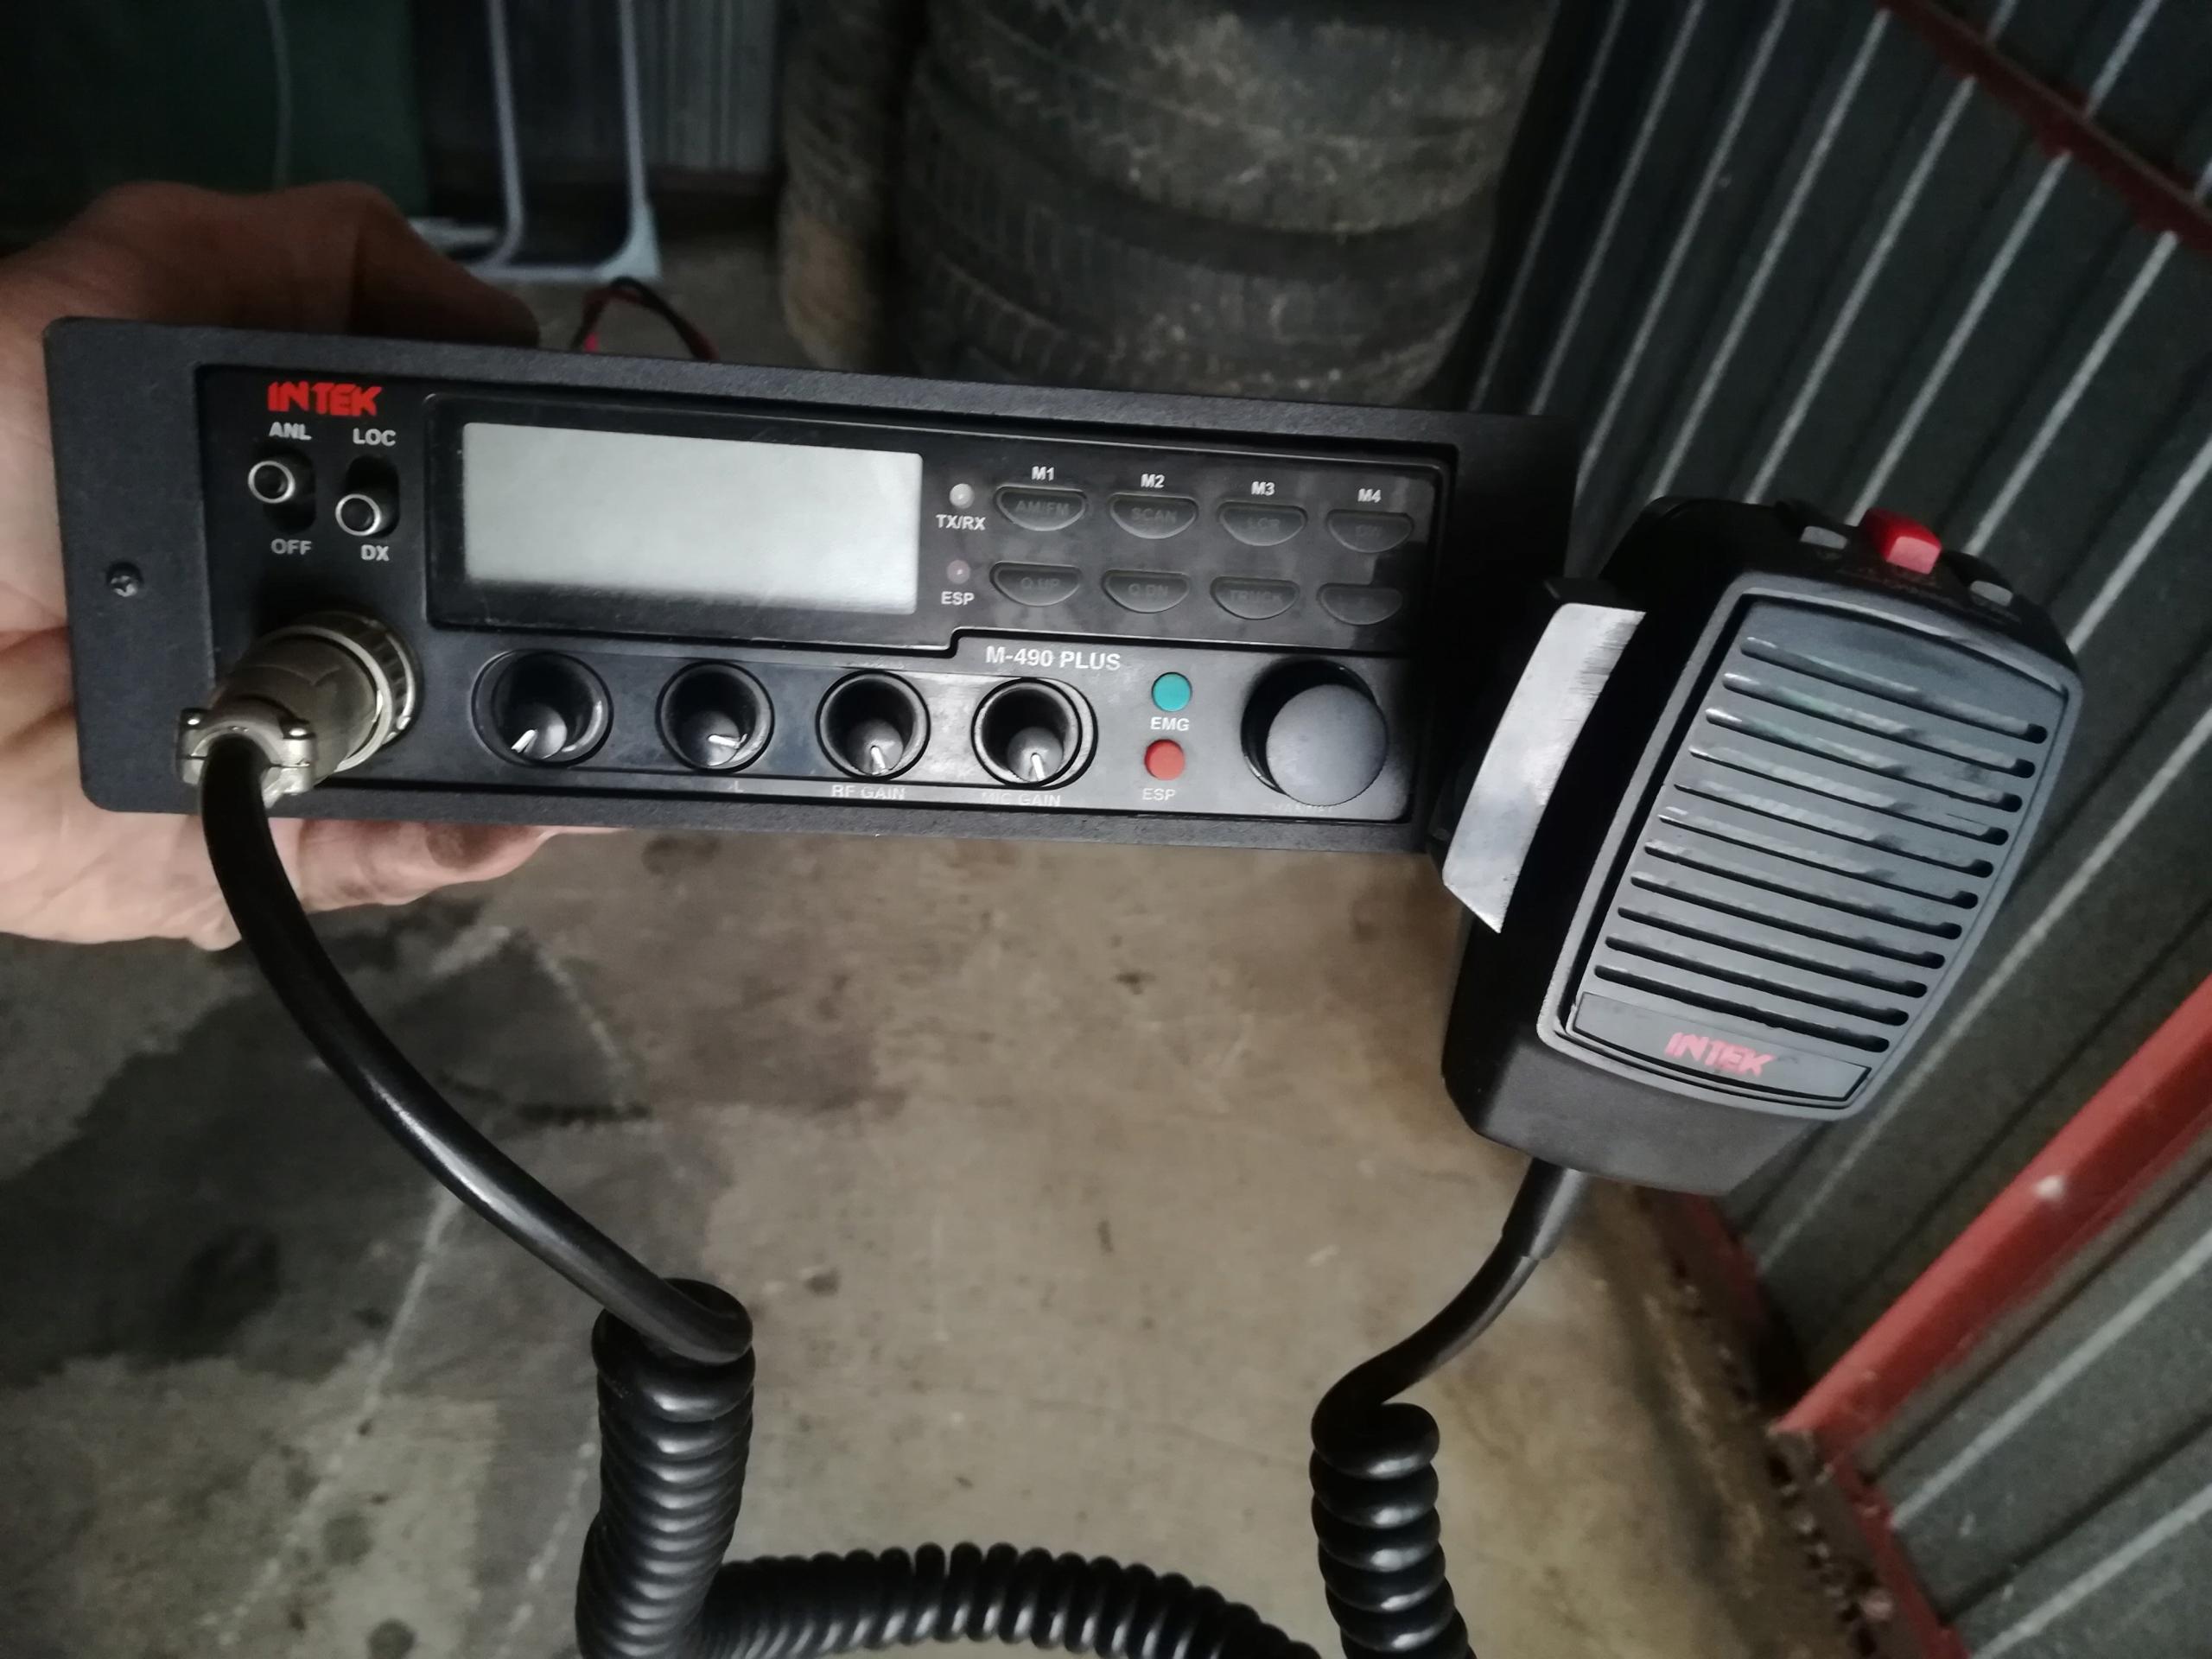 Radio CB Intek M-490 PLUS